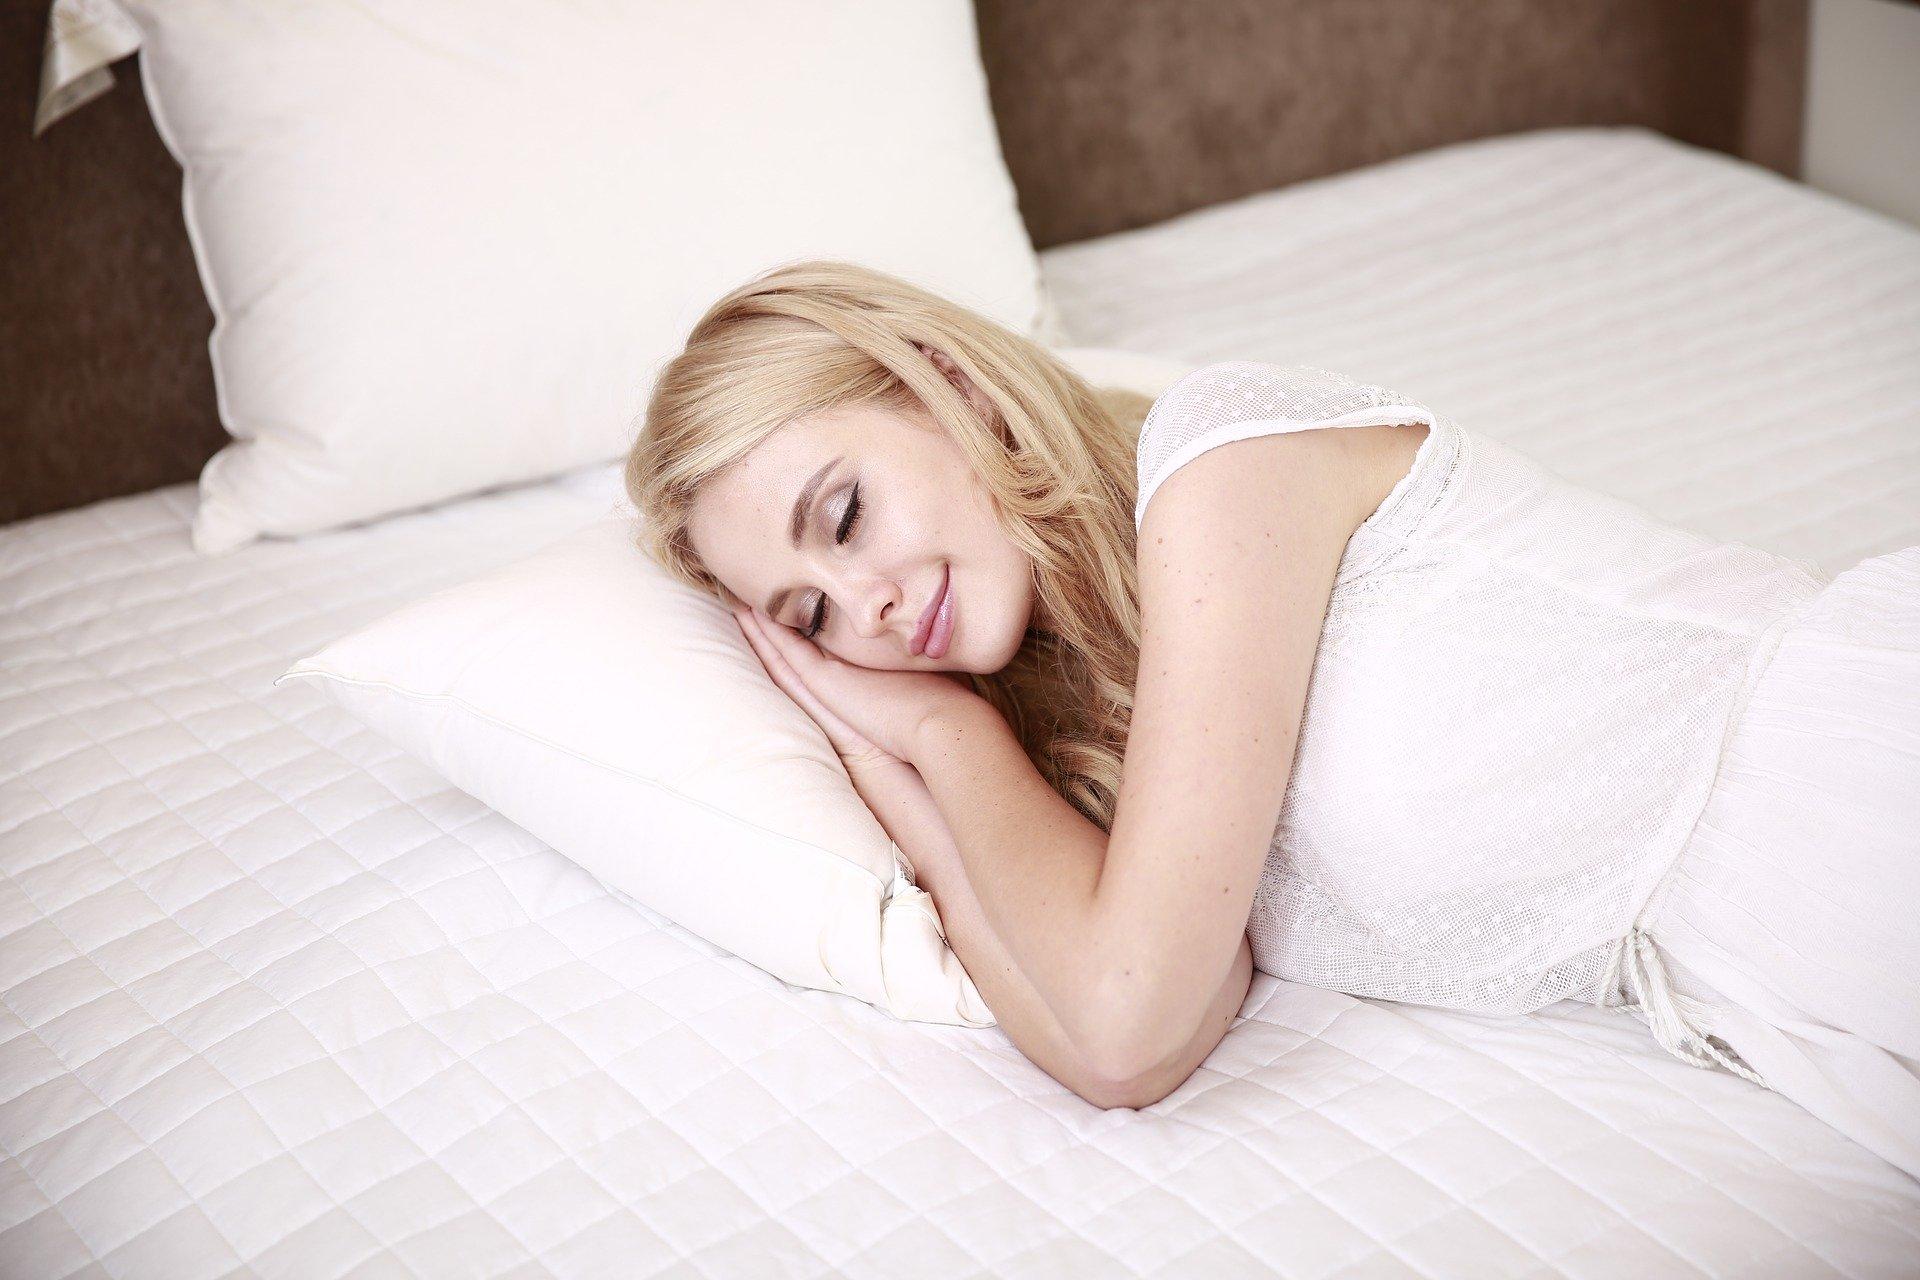 Bezsenność, zakłócony sen i wypalenie zawodowe zwiększają ryzyko ciężkiego przebiegu COVID-19